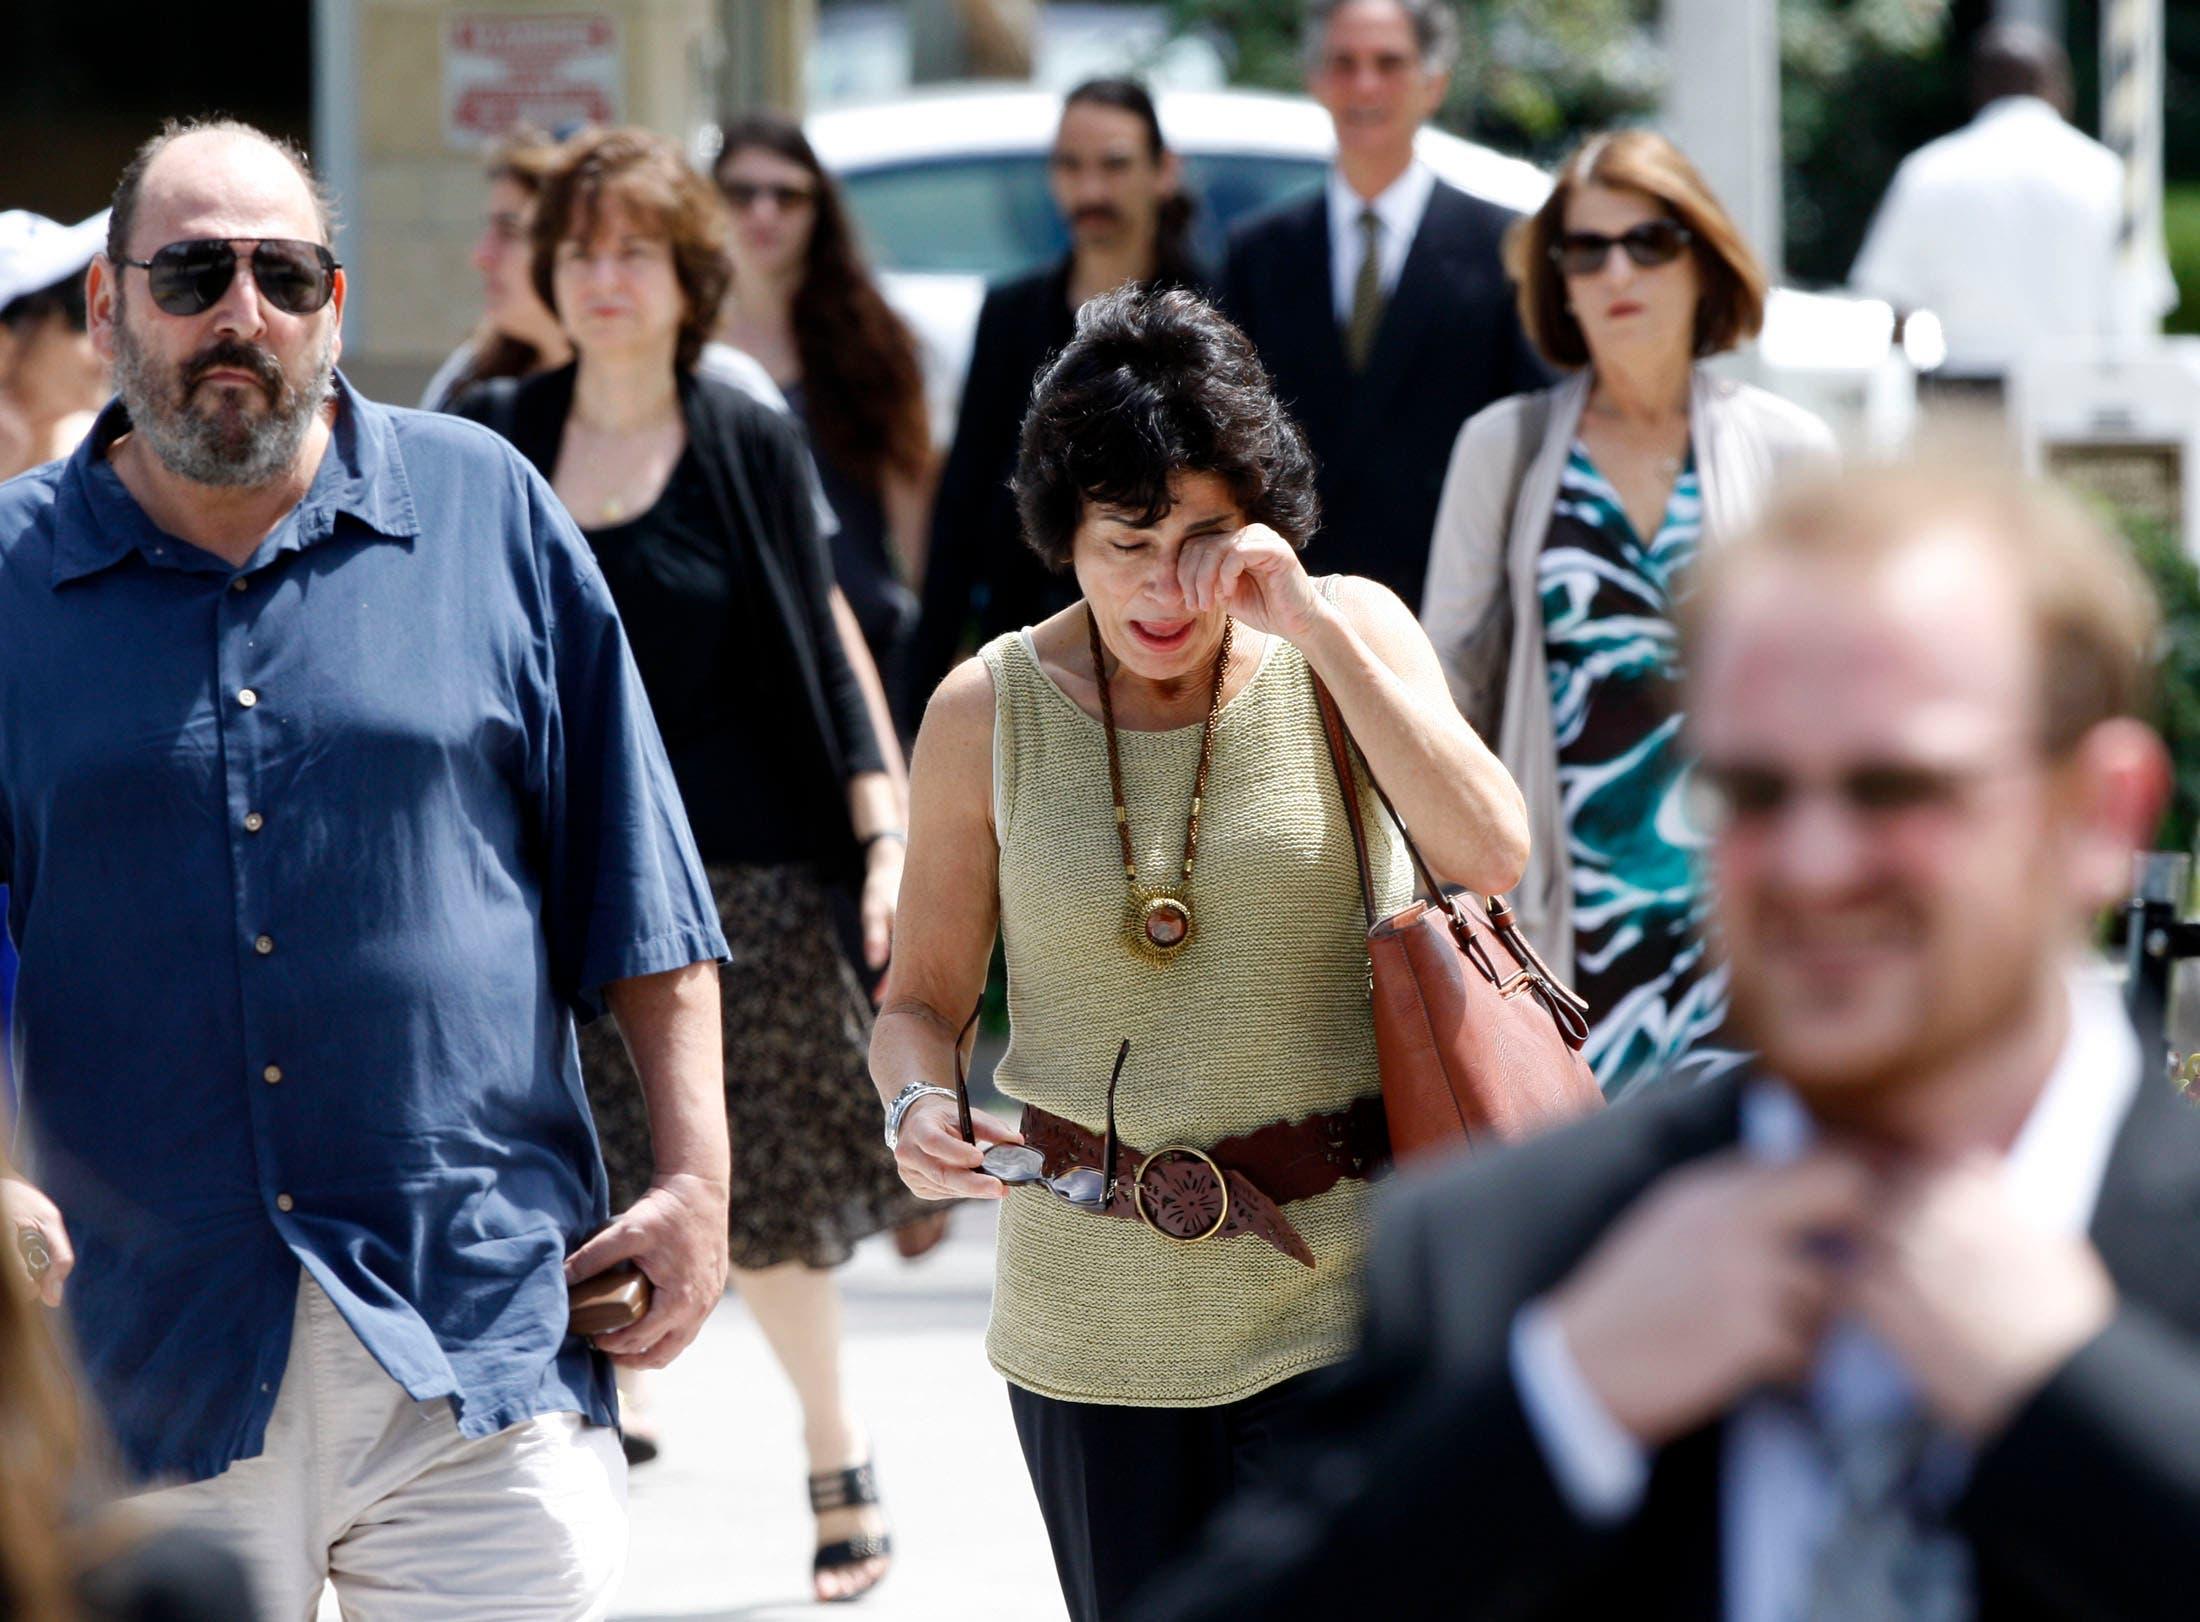 Cientos de personas despiden en Miami a periodista ejecutado Sotloff